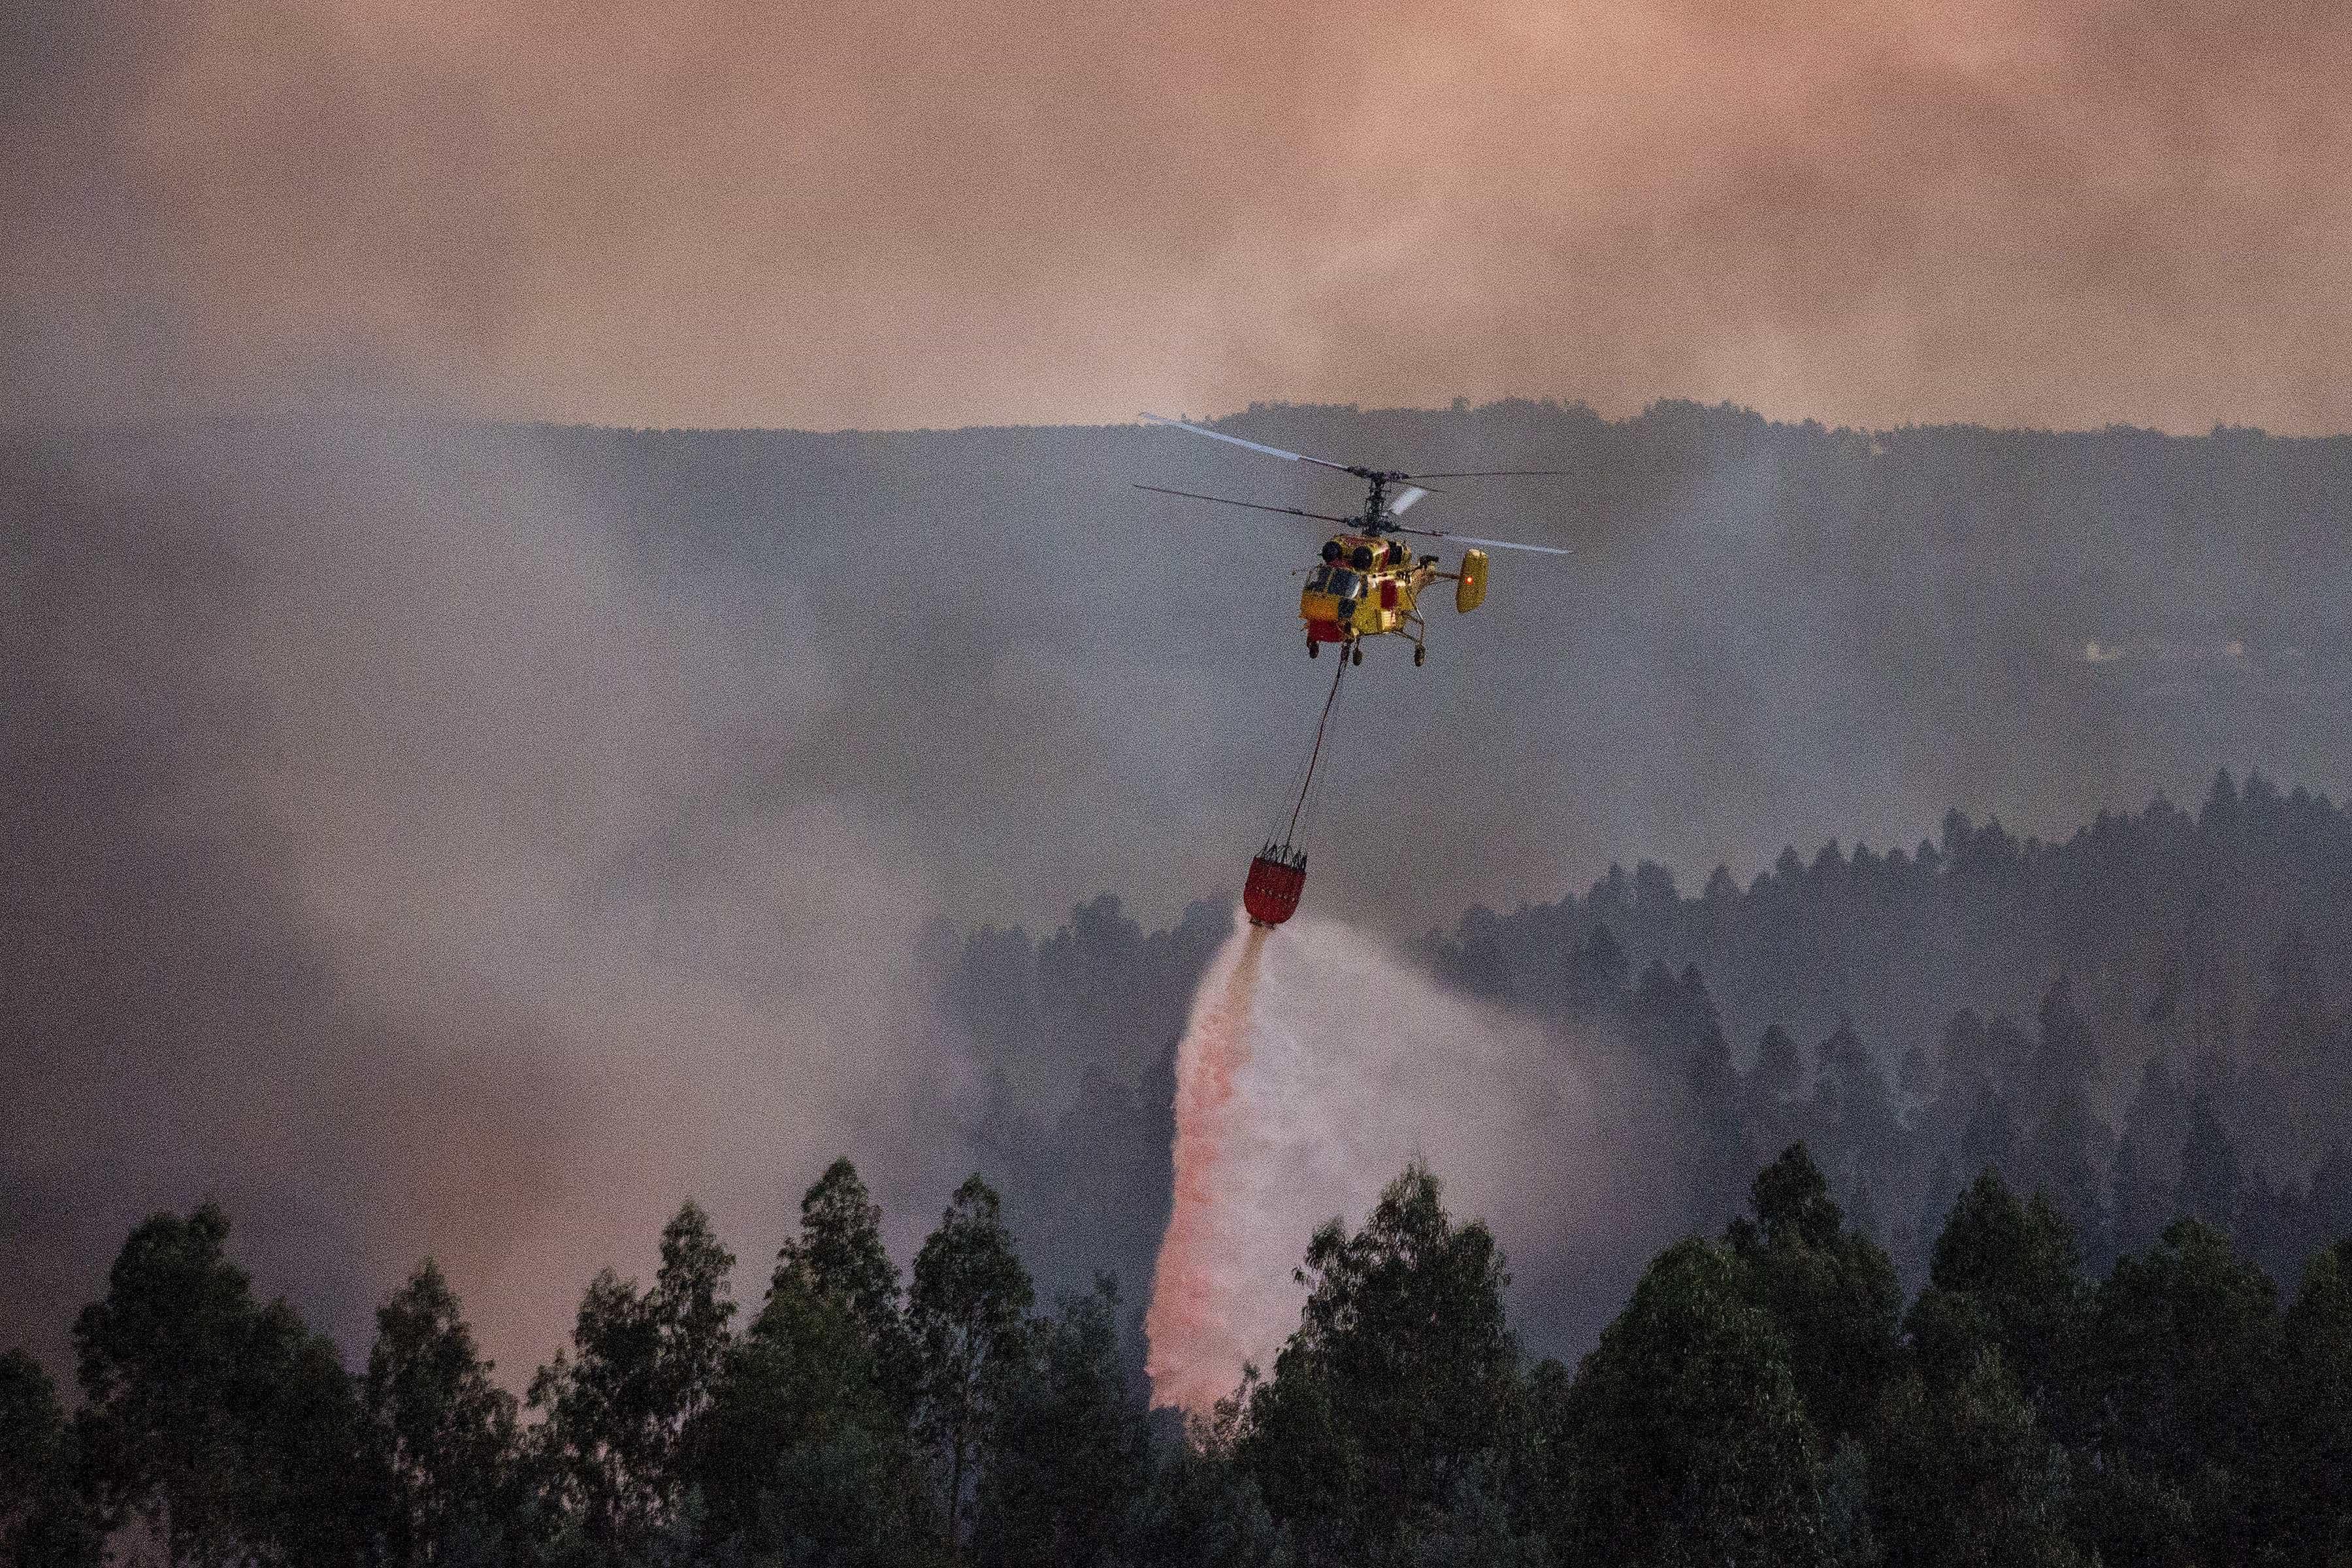 Chamas em Góis e Pampilhosa da Serra mobilizam meios aéreos